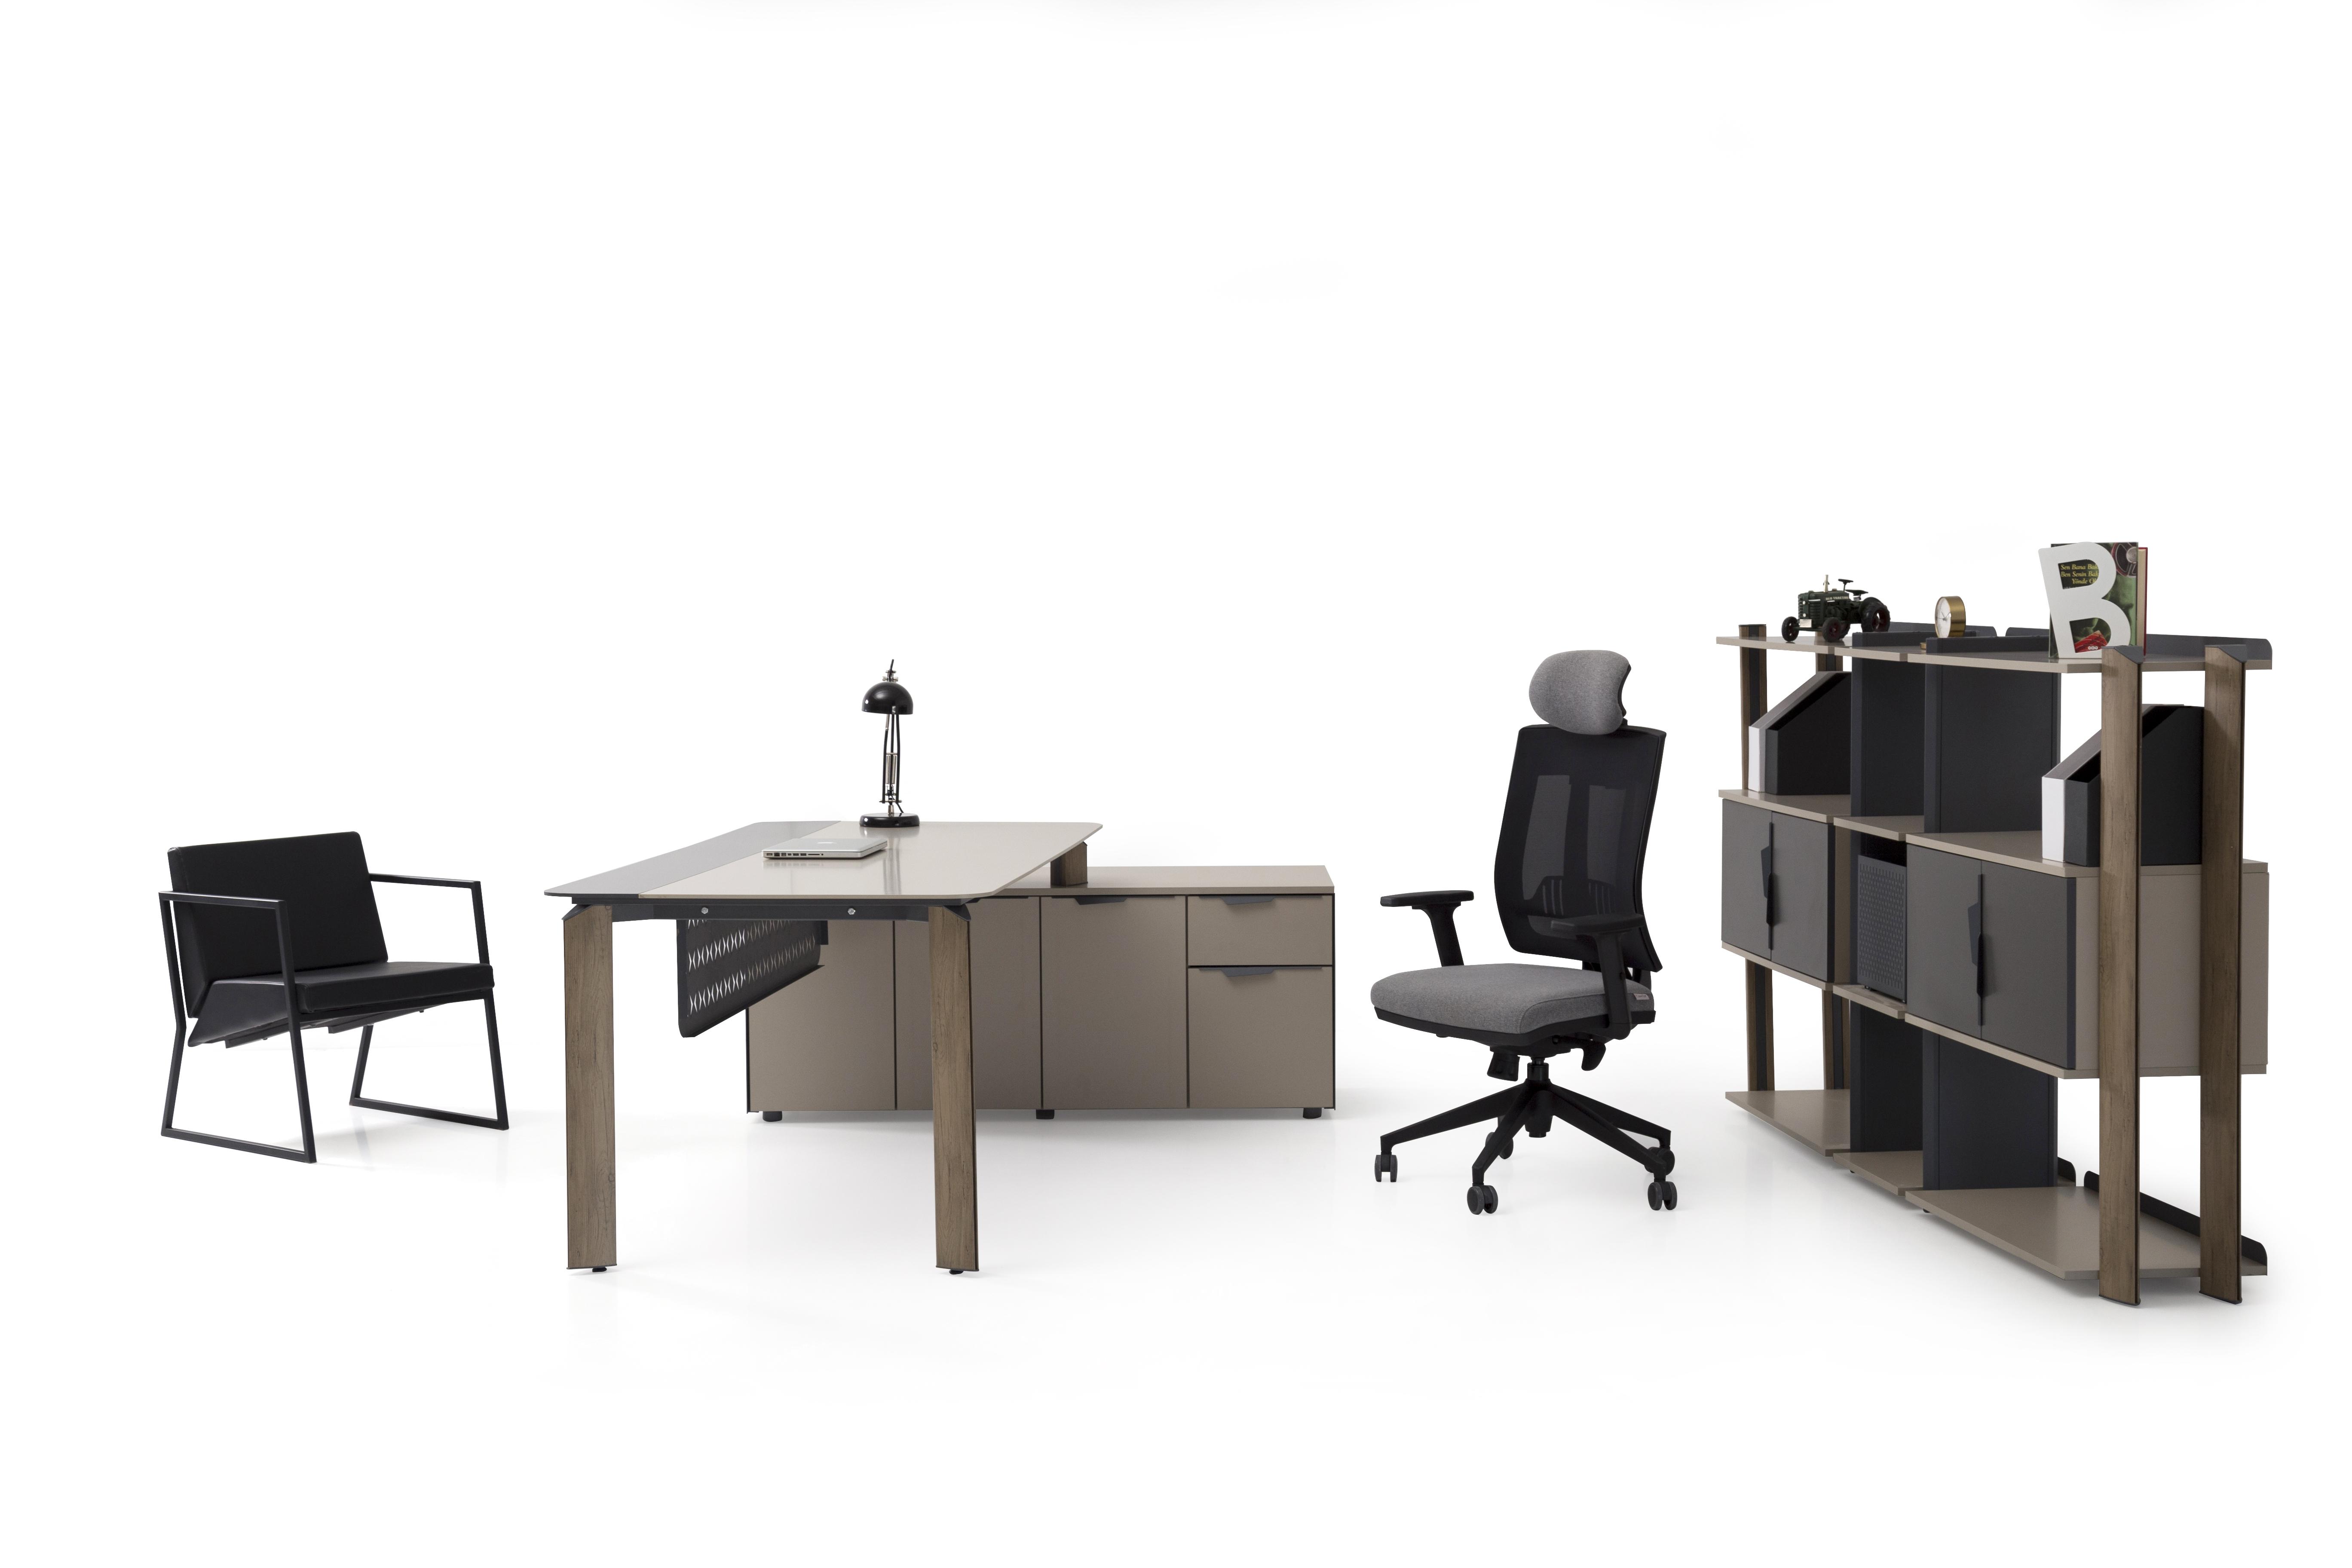 Ovali Schreibtisch Set 3-teilig Twist L2 Beige 180x90 cm